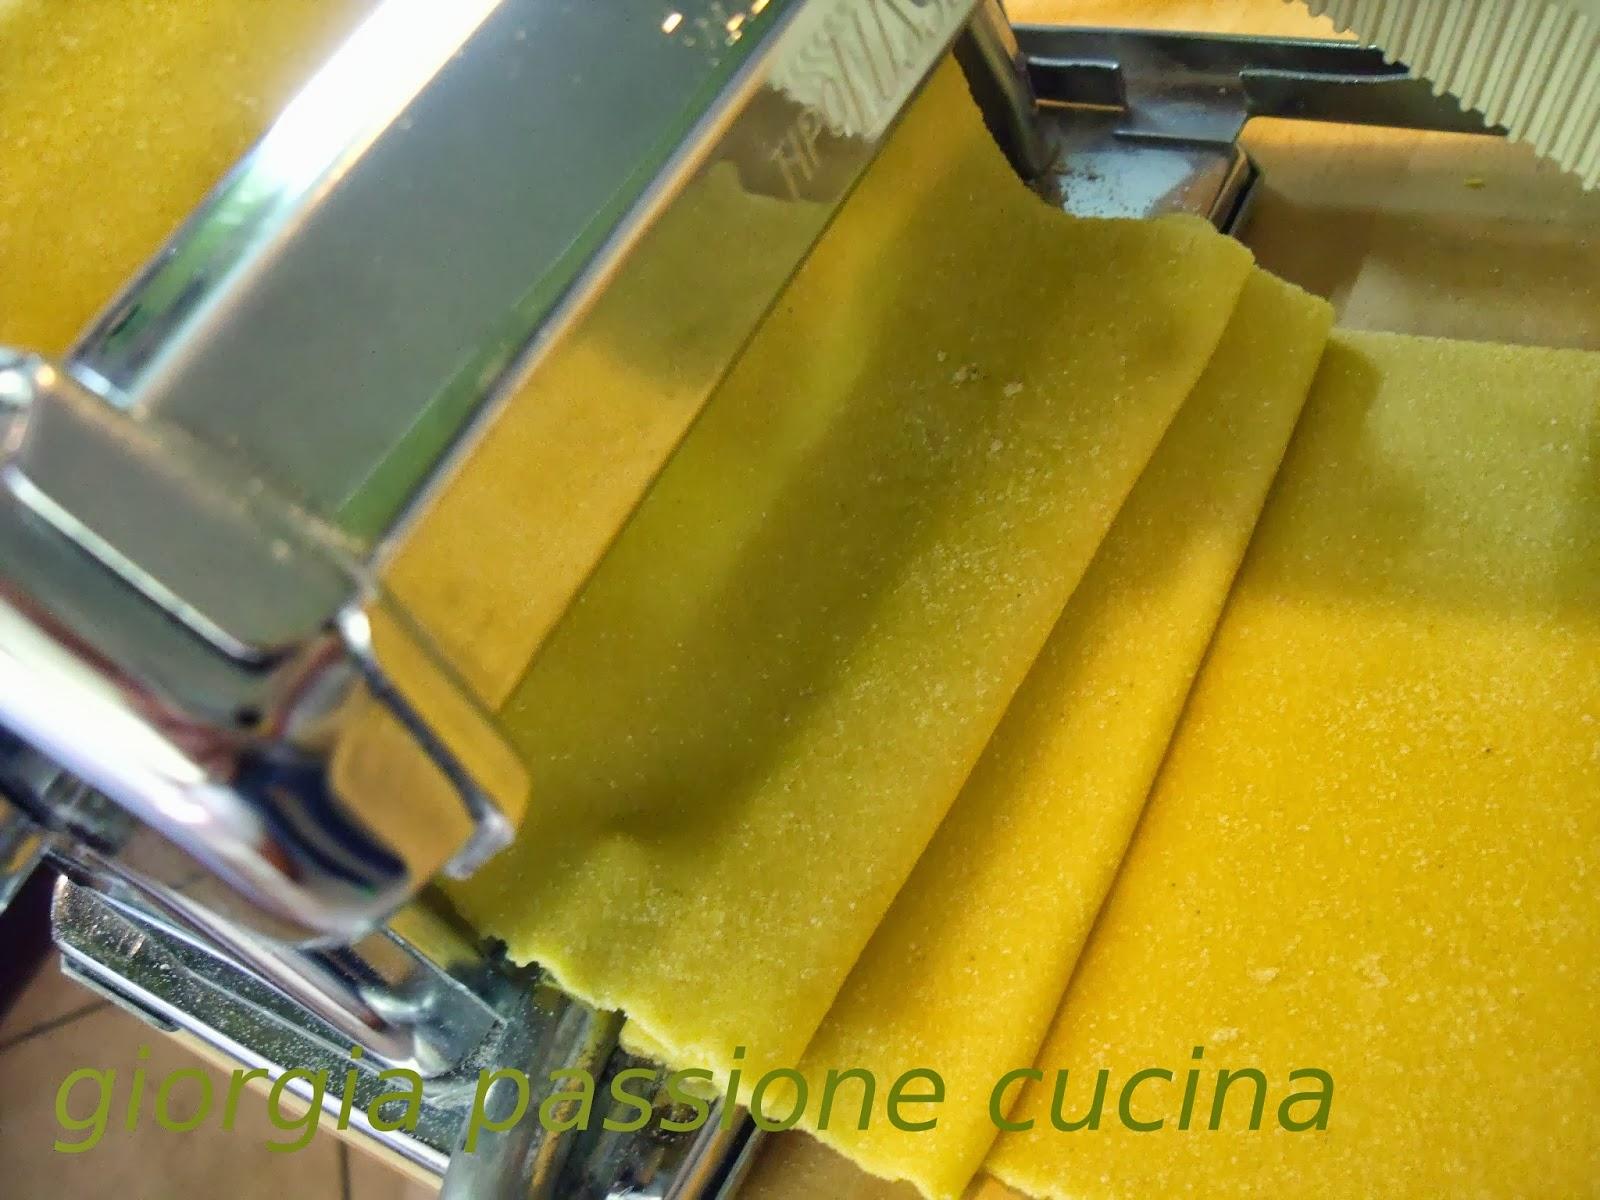 Giorgia passione cucina la pasta fatta in casa - Pasta fatta in casa macchina ...